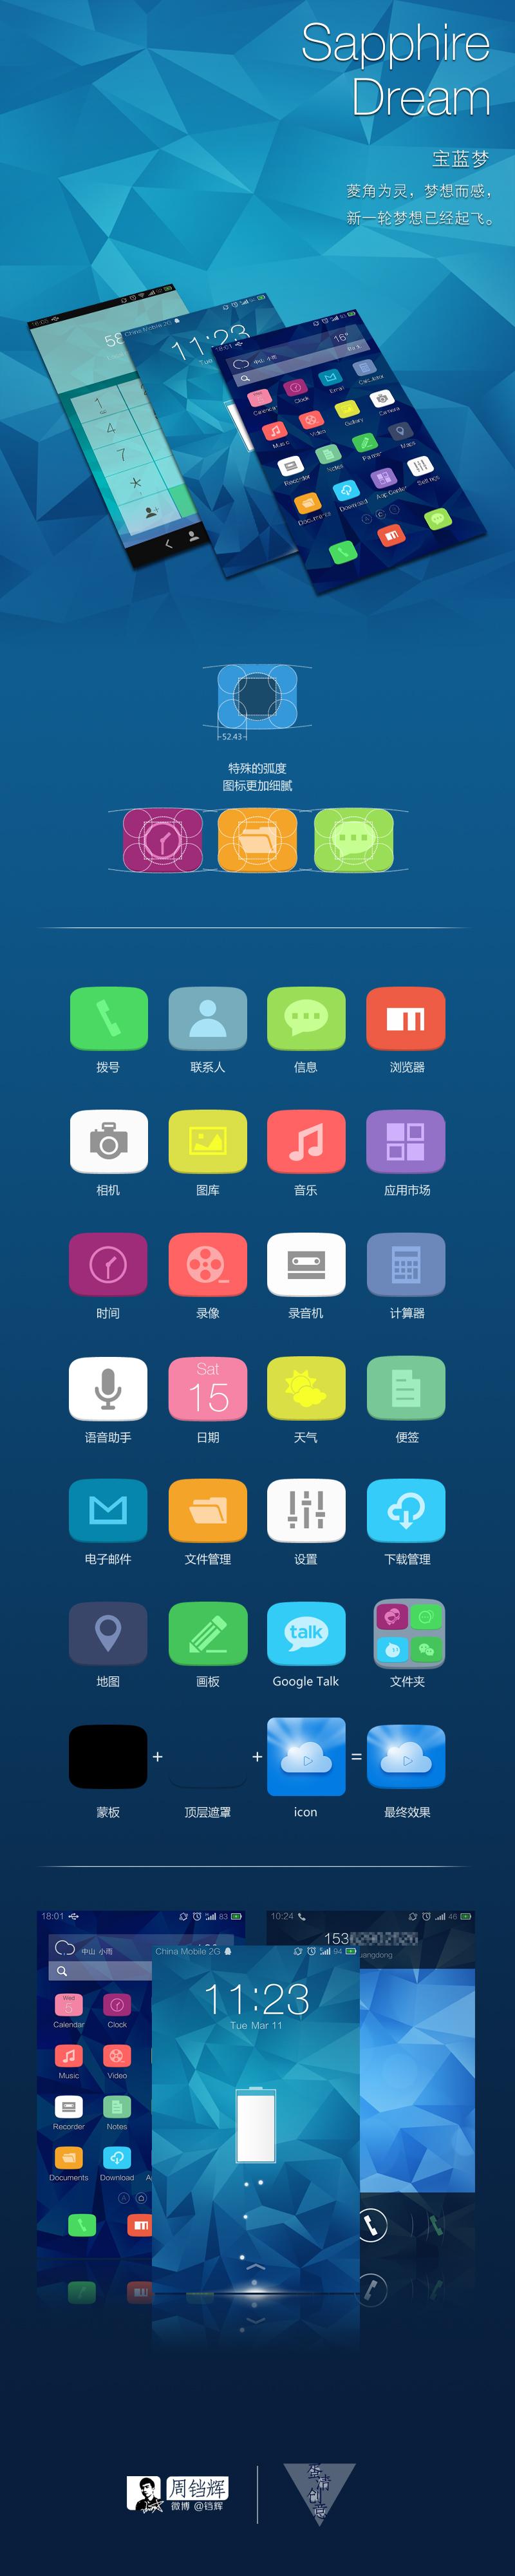 魅族flyme主题sapphiredream移动设备主题/appu